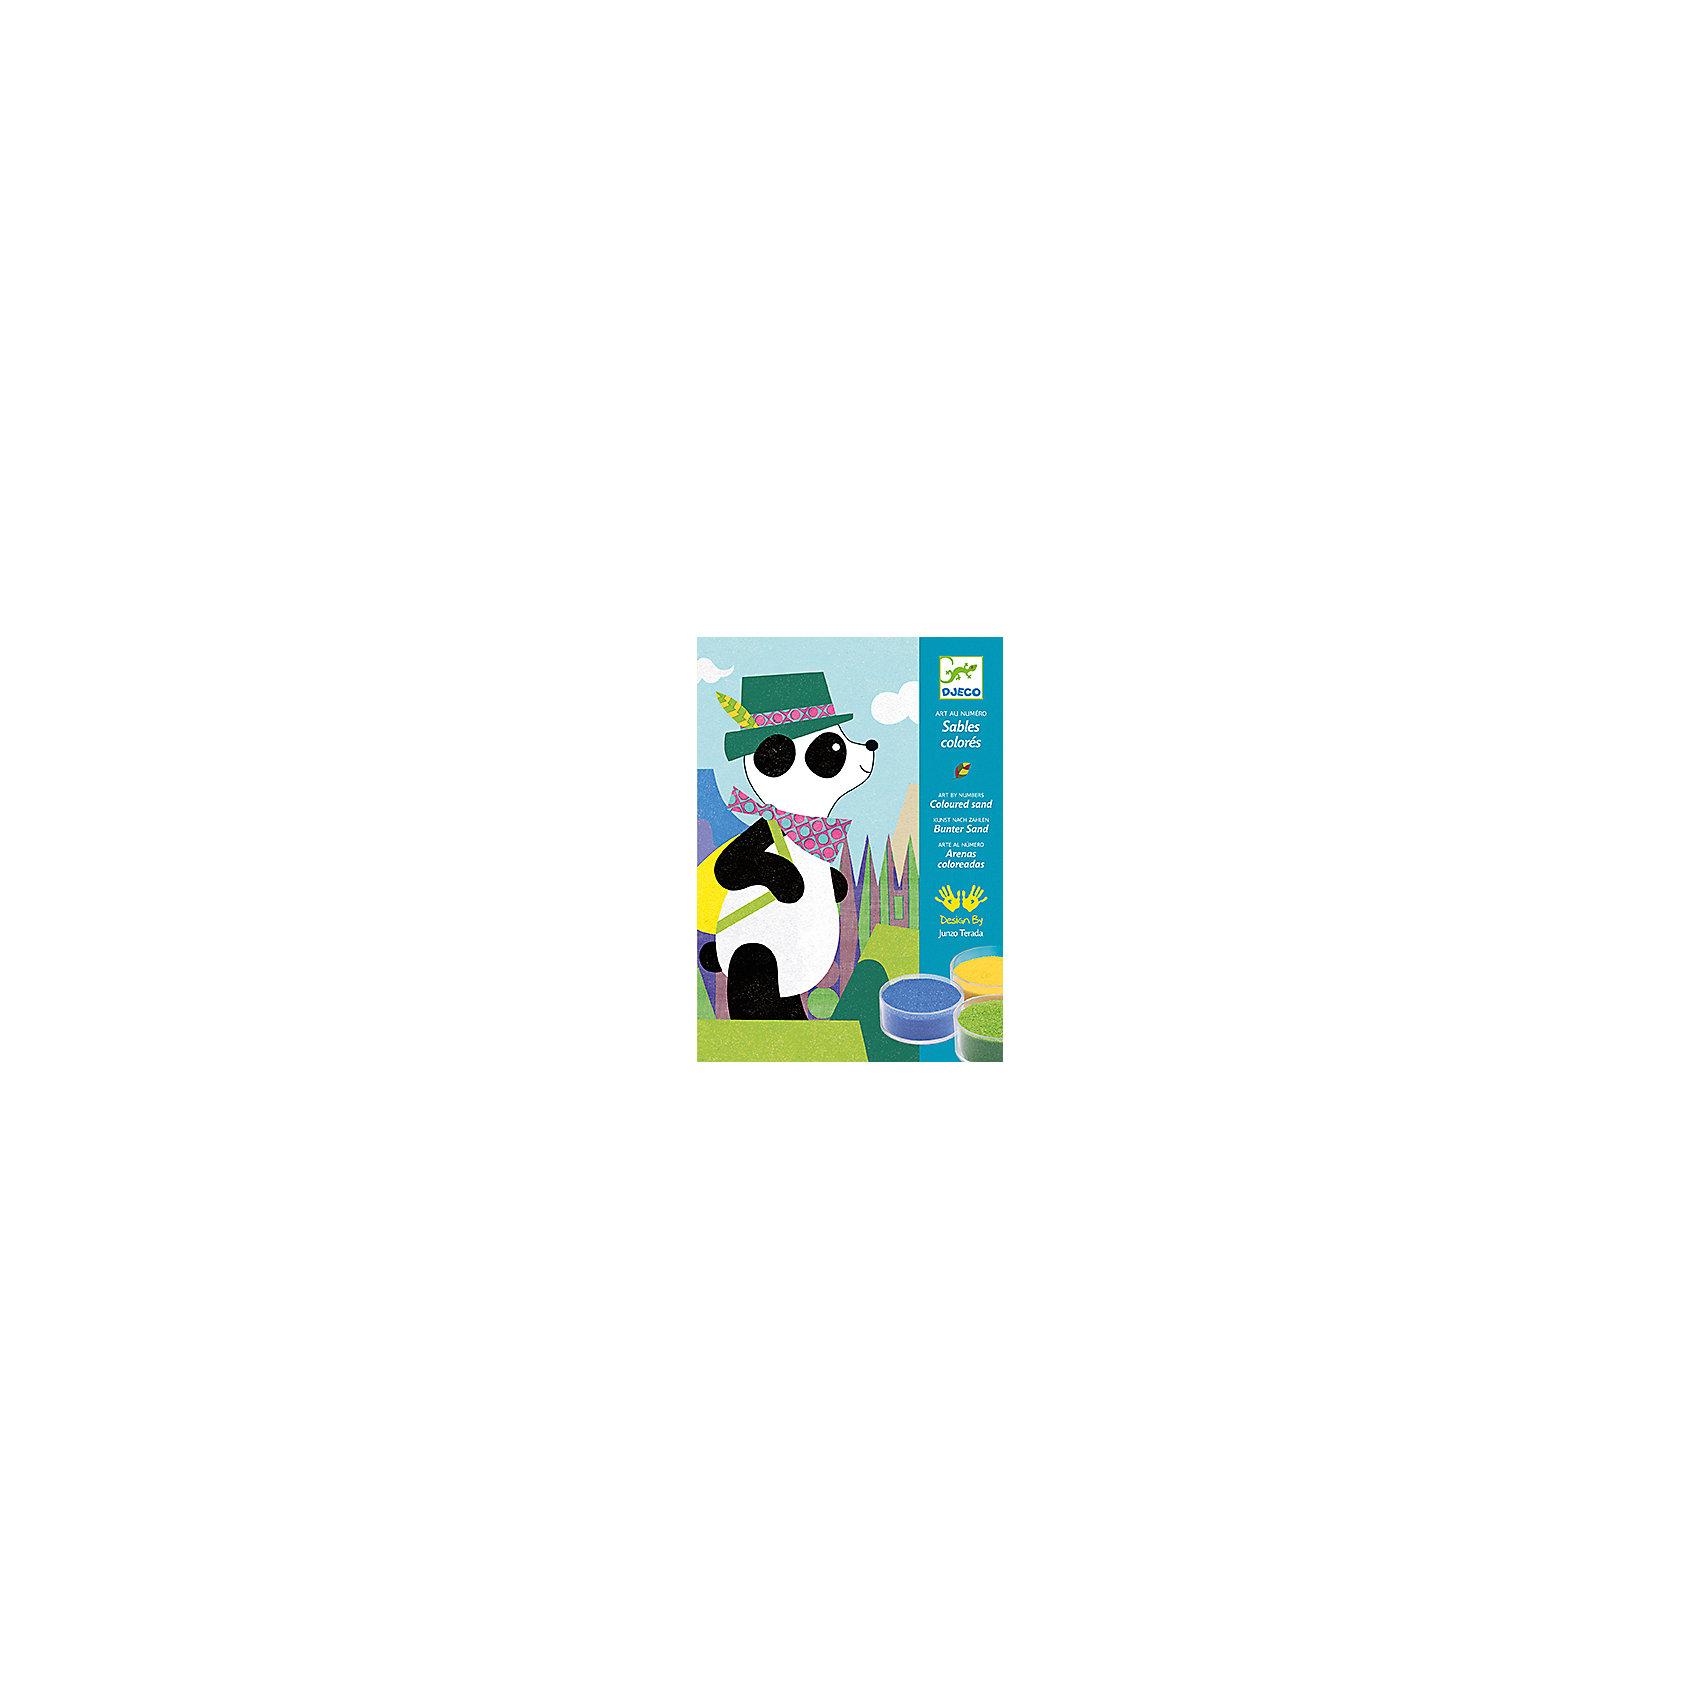 Песочные картинки Панда и ее друзьяПесочные картинки Панда и ее друзья - это набор для создания 4 красивых картинок из песка по номерам с изображением Панды и его друзей.<br>Набор предназначен песочные картинки Панда и ее друзья - это уникальная раскраска для создания картинок, изображающих панду, олененка, поросенка, котенка с помощью разноцветного песка. На картинке-основе нанесен контур рисунка, фрагменты рисунка крупные. Каждая деталь отмечена цифрой соответственно номеру цветного песка. Коробка, в которой продается набор - рабочая поверхность. Раскрашивать картинку лучше в ней, рабочее место останется чистым и лишний песок можно высыпать через специальное отверстие в коробке назад в баночку. Снимите защитную пленку с одной из деталей рисунка (если это сделать сложно воспользуйтесь шпателем), посыпьте тем цветом песка, номер которого обозначен на этом сегменте рисунка, лишний песок аккуратно снимите кисточкой. Не снимайте защитную пленку сразу с нескольких сегментов - песок перемешается и рисунок потеряет аккуратную форму! Раскрашивать рисунок лучше начинать с верхнего края картинки и постепенно опускаться вниз. Вашему ребенку обязательно понравится делать картины из песка. Готовая картина станет прекрасным подарком, сделанным своими руками, или же дополнит интерьер детской комнаты. Рисование песком - это игровое и художественное занятие, способствующее развитию чувства гармонии, ловкости рук и креативности.<br><br>Дополнительная информация:<br><br>- В наборе: 4 листа с клейкой основой для создания картинок (15x21см.), 12 баночек с цветным песком, шпатель, пошаговая инструкция<br>- Размер упаковки: 23 х 17 х 4 см.<br>- Вес: 530 гр.<br><br>Песочные картинки Панда и ее друзья можно купить в нашем интернет-магазине.<br><br>Ширина мм: 230<br>Глубина мм: 170<br>Высота мм: 40<br>Вес г: 530<br>Возраст от месяцев: 48<br>Возраст до месяцев: 96<br>Пол: Унисекс<br>Возраст: Детский<br>SKU: 4305751